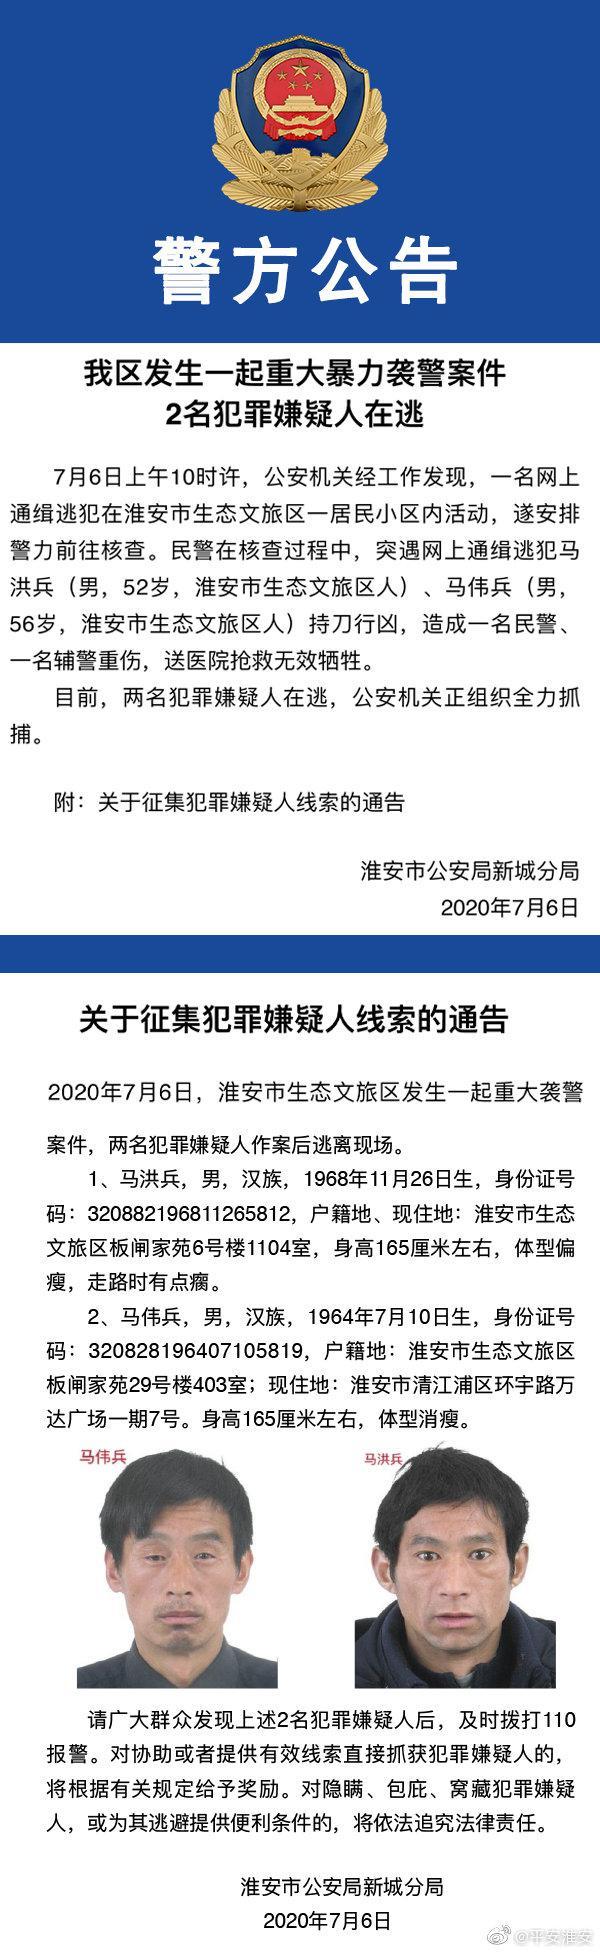 江苏淮安发生暴力袭警案 2名警员牺牲2名嫌犯在逃图片